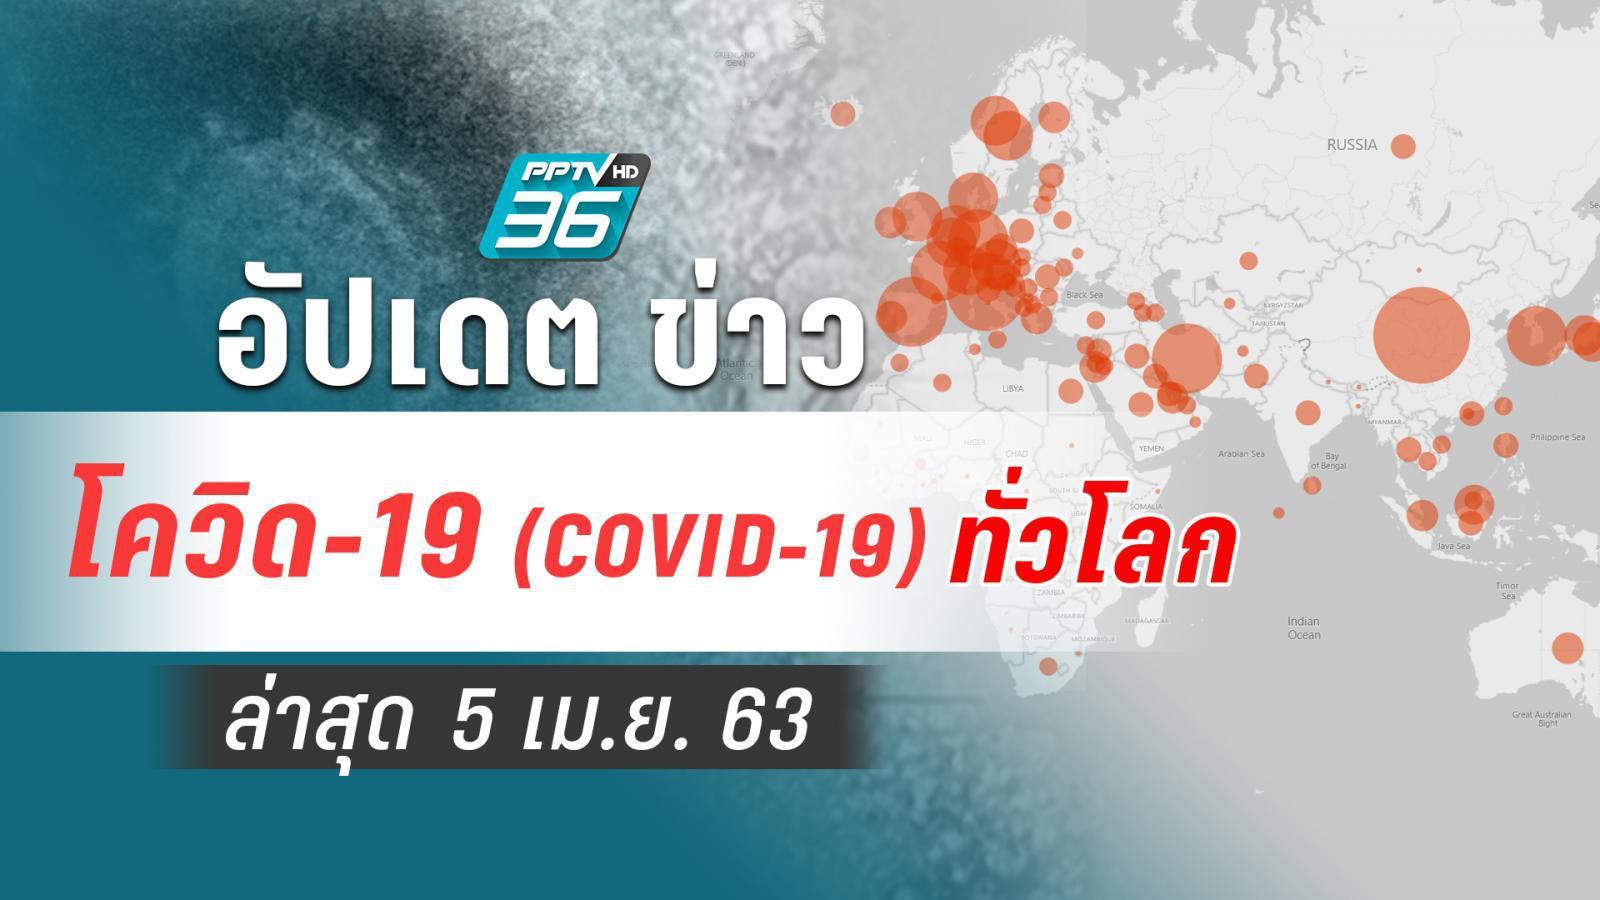 อัปเดตข่าว สถานการณ์ โควิด-19 ทั่วโลก ล่าสุด 5 เม.ย. 63